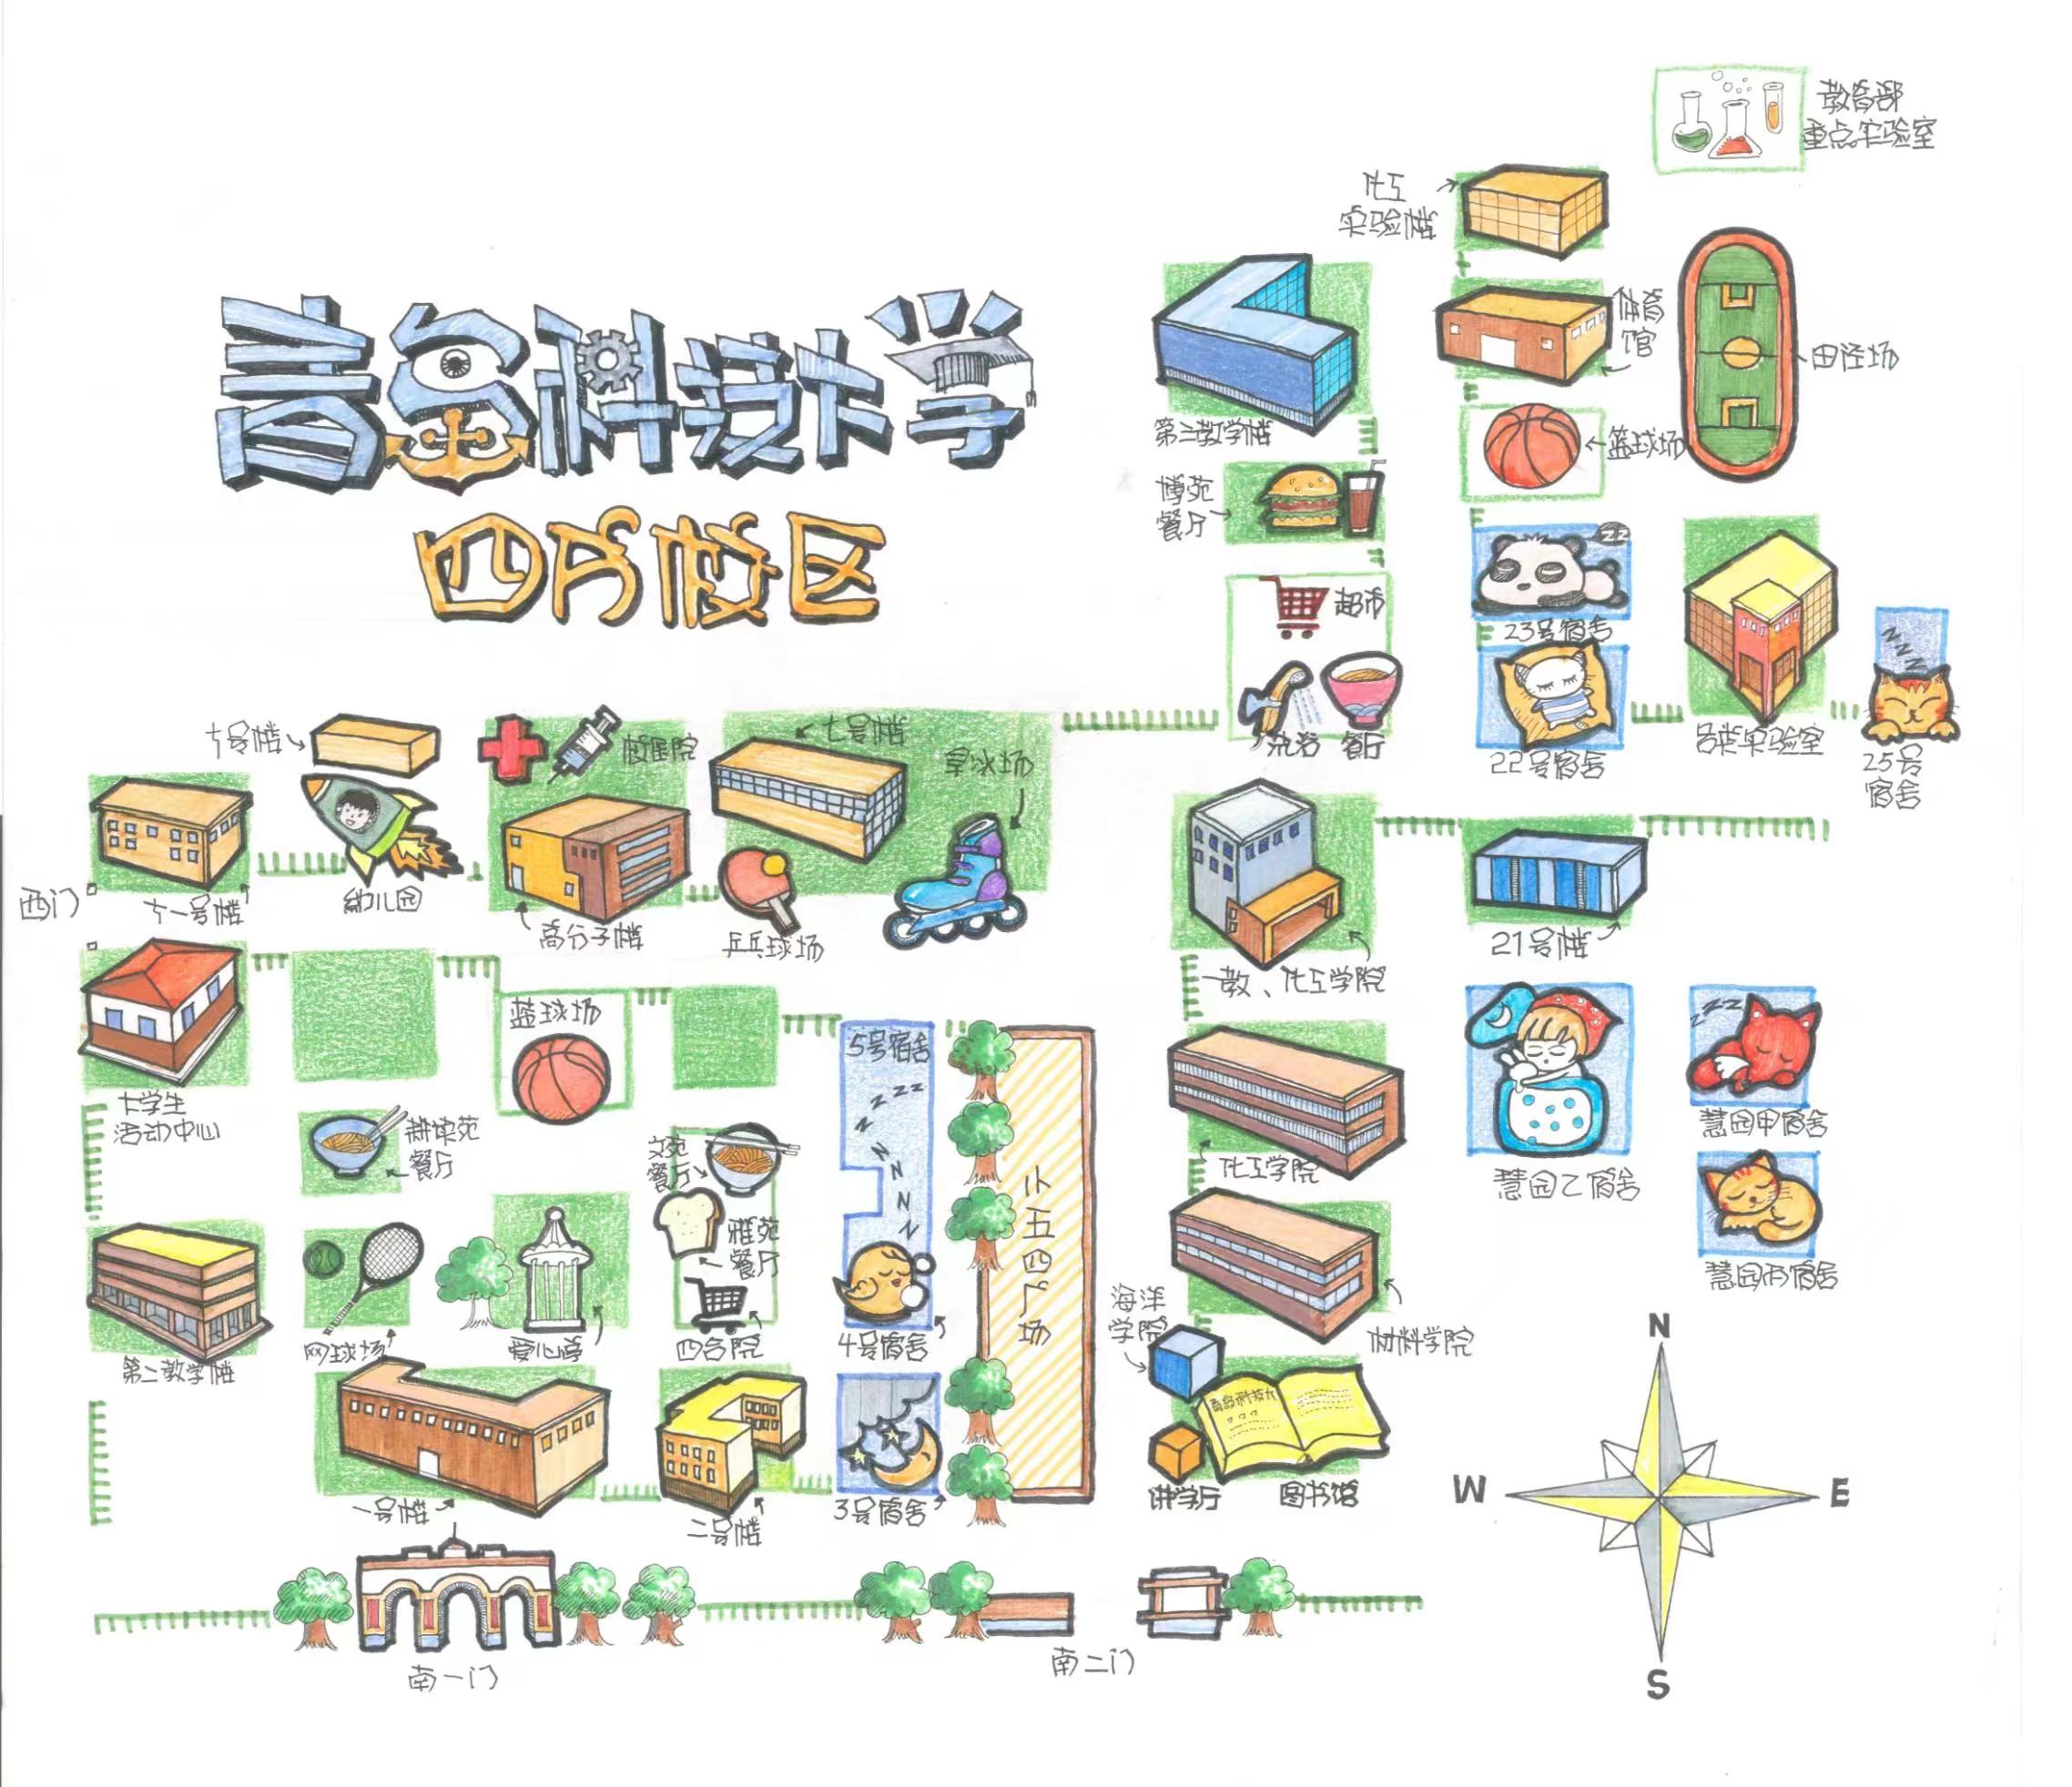 青岛科技大学四方校区手绘地图(彩铅)